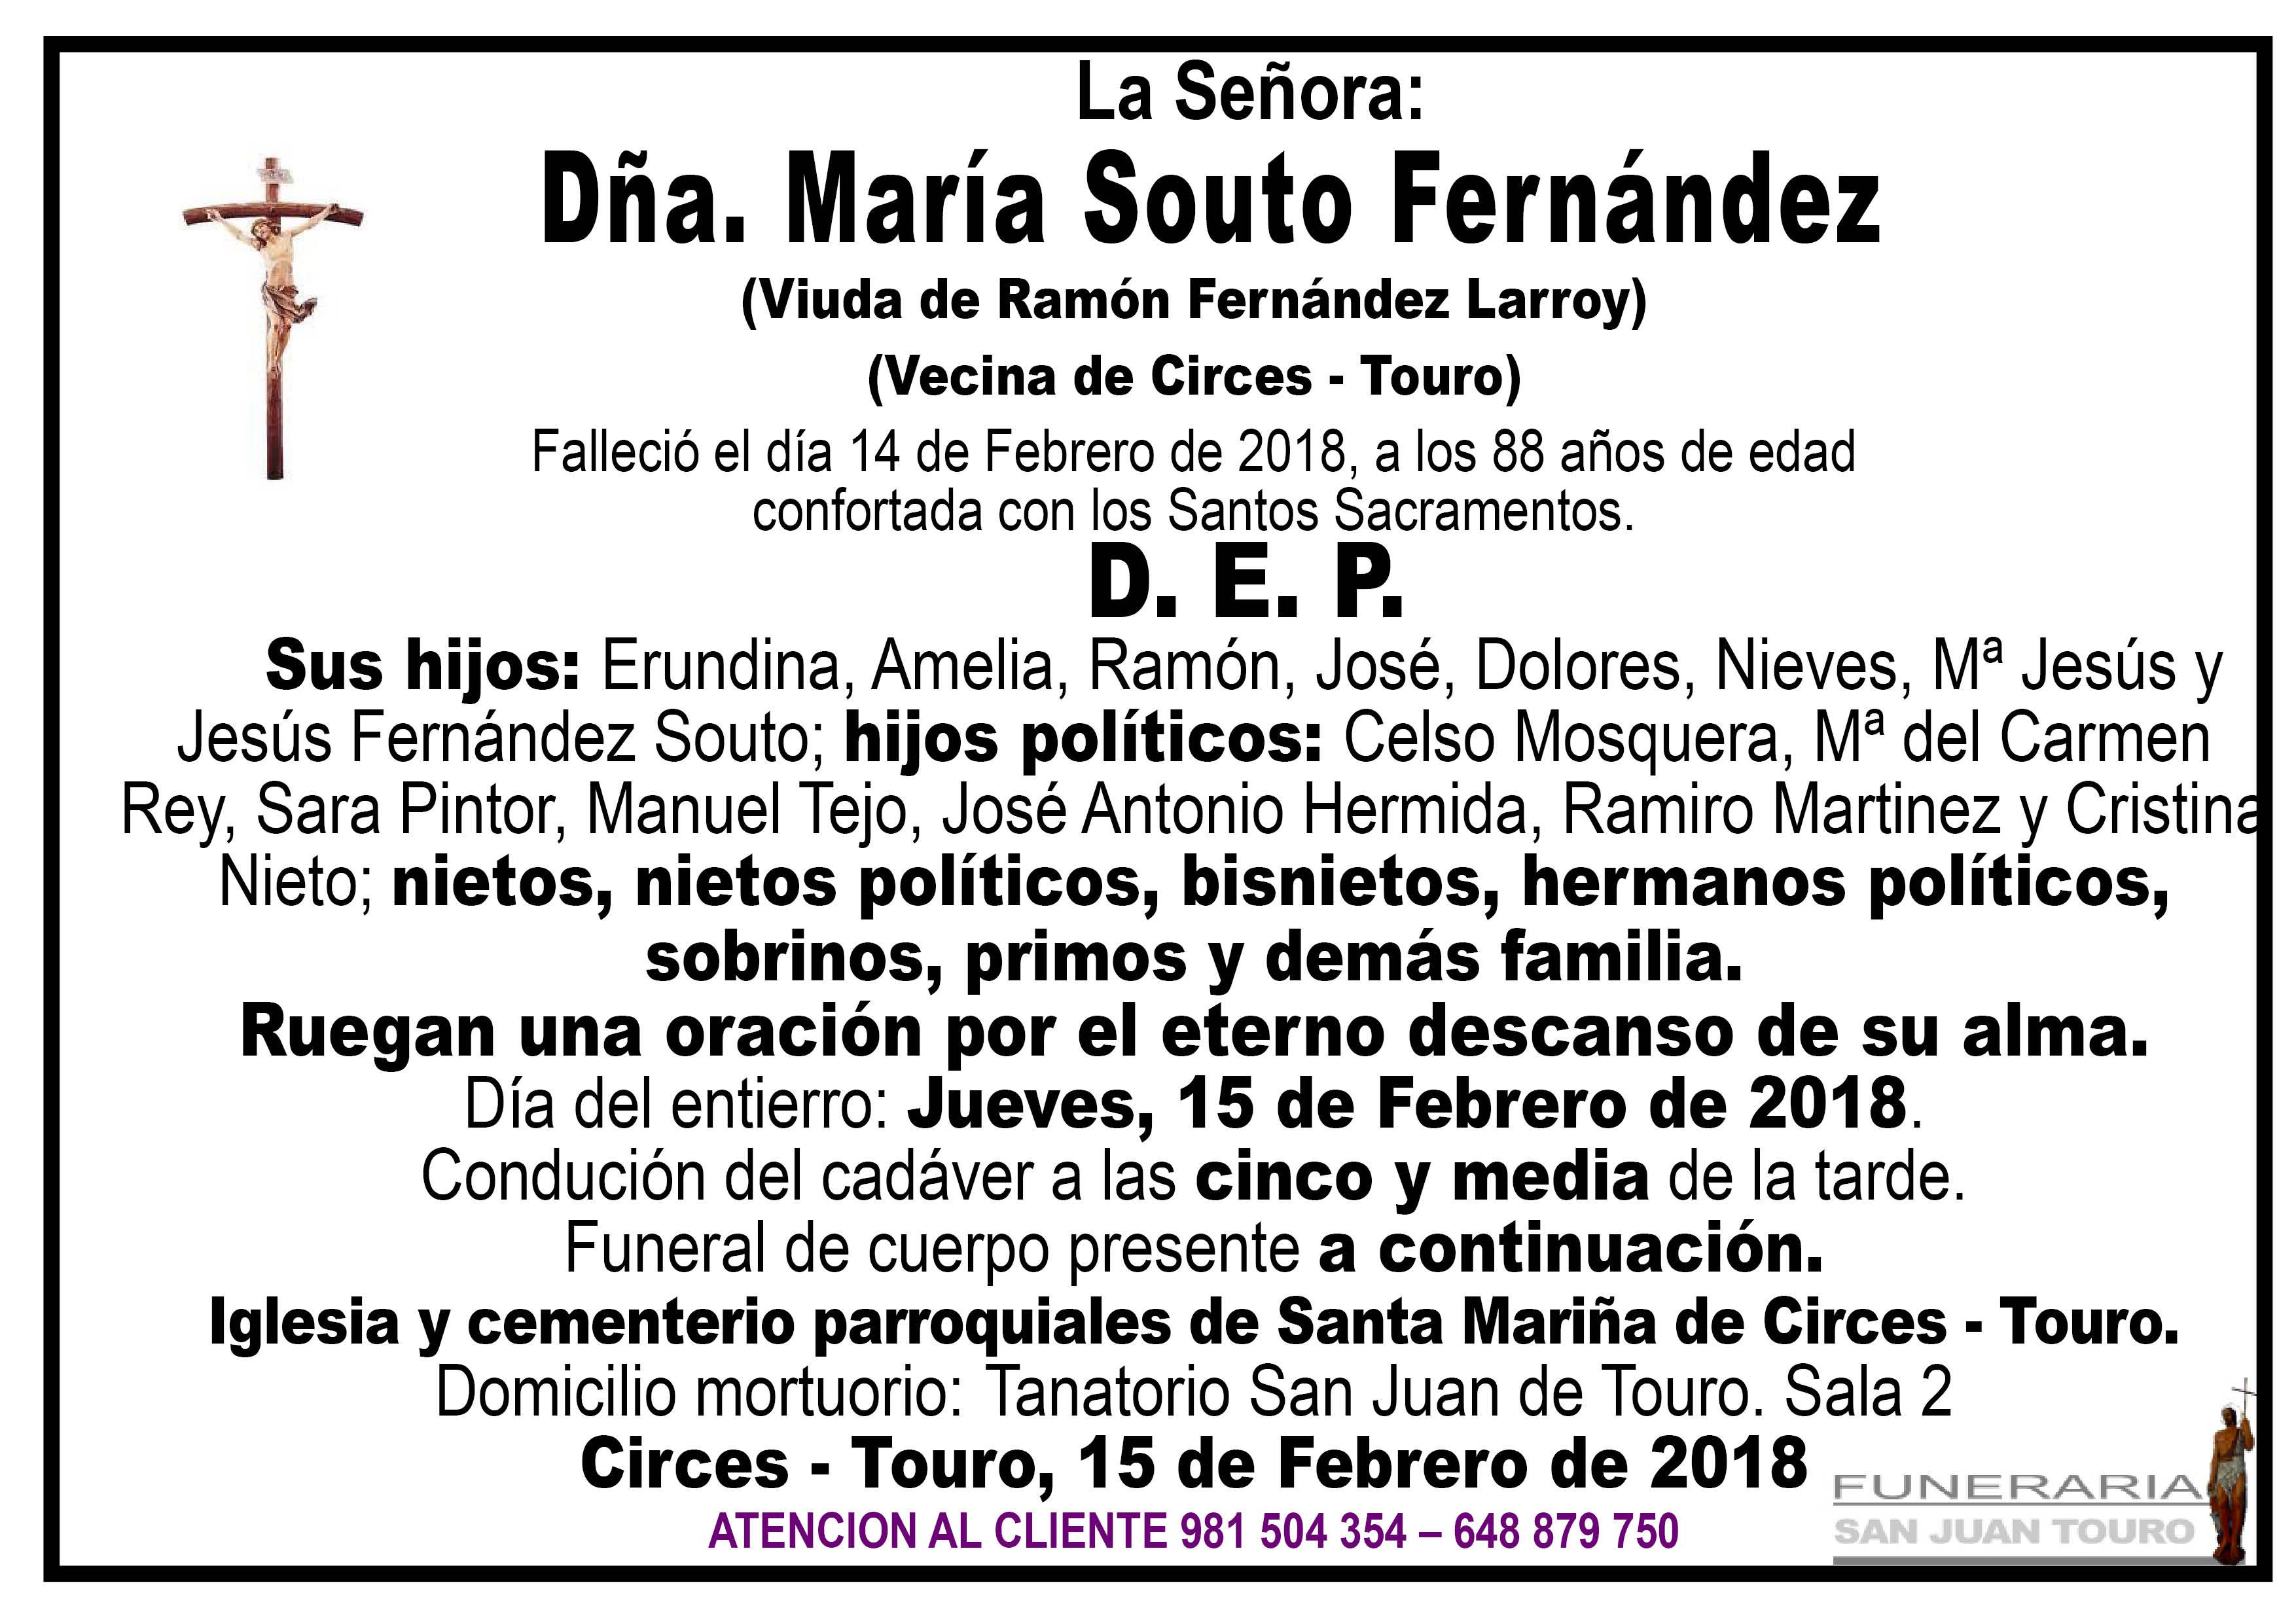 Esquela de SEPELIO DE DOÑA MARÍA SOUTO FERNÁNDEZ